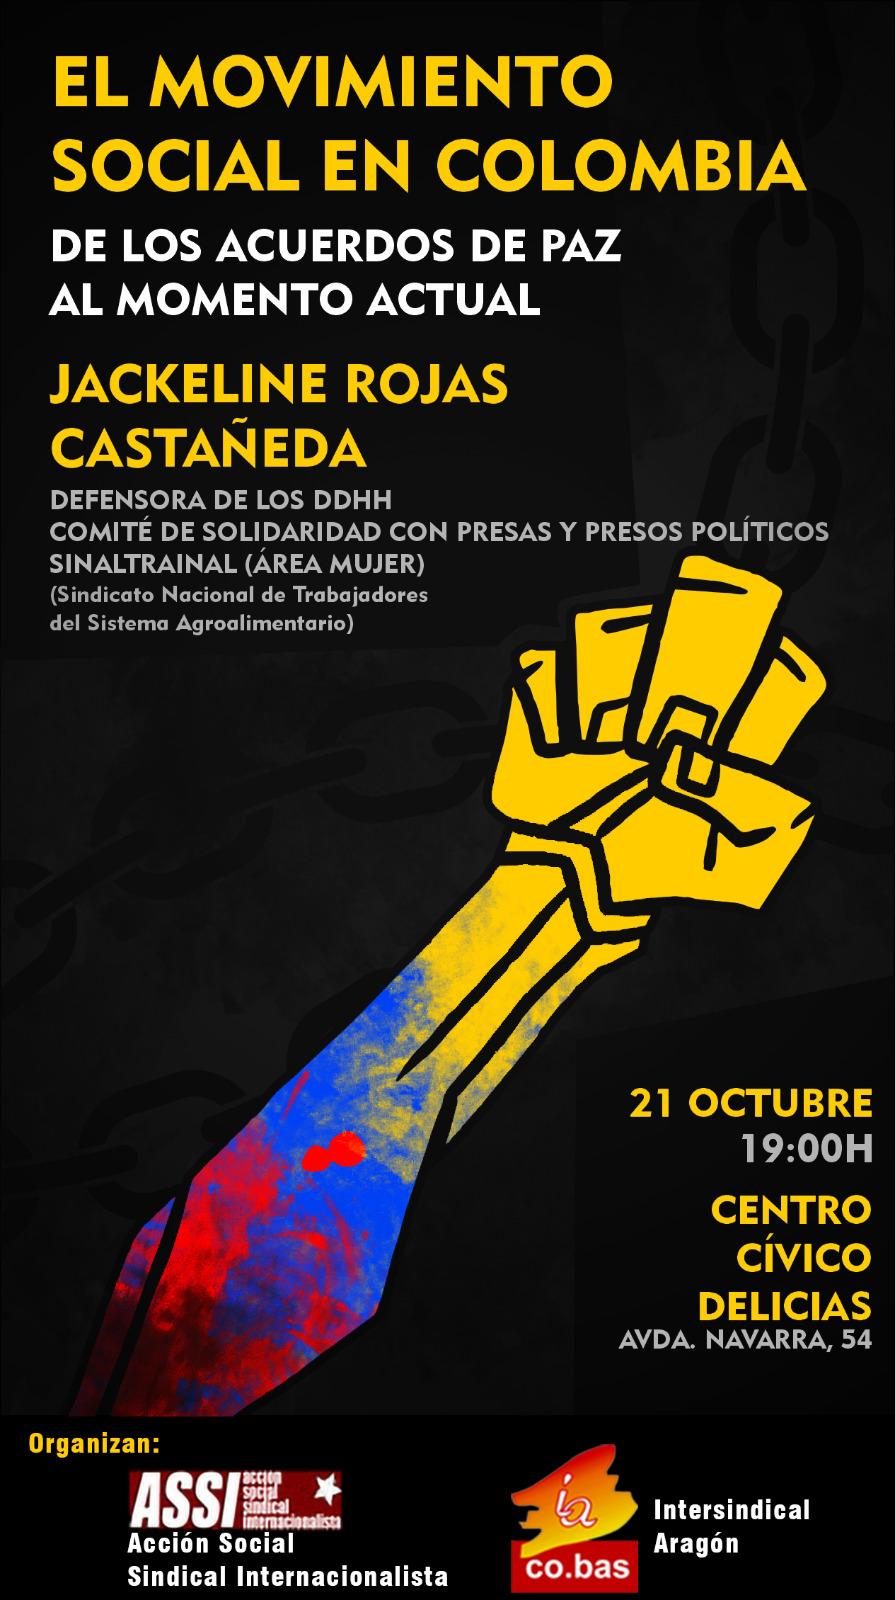 Zaragoza. Charla sobre el movimiento social en Colombia. Jueves 21 de Octubre